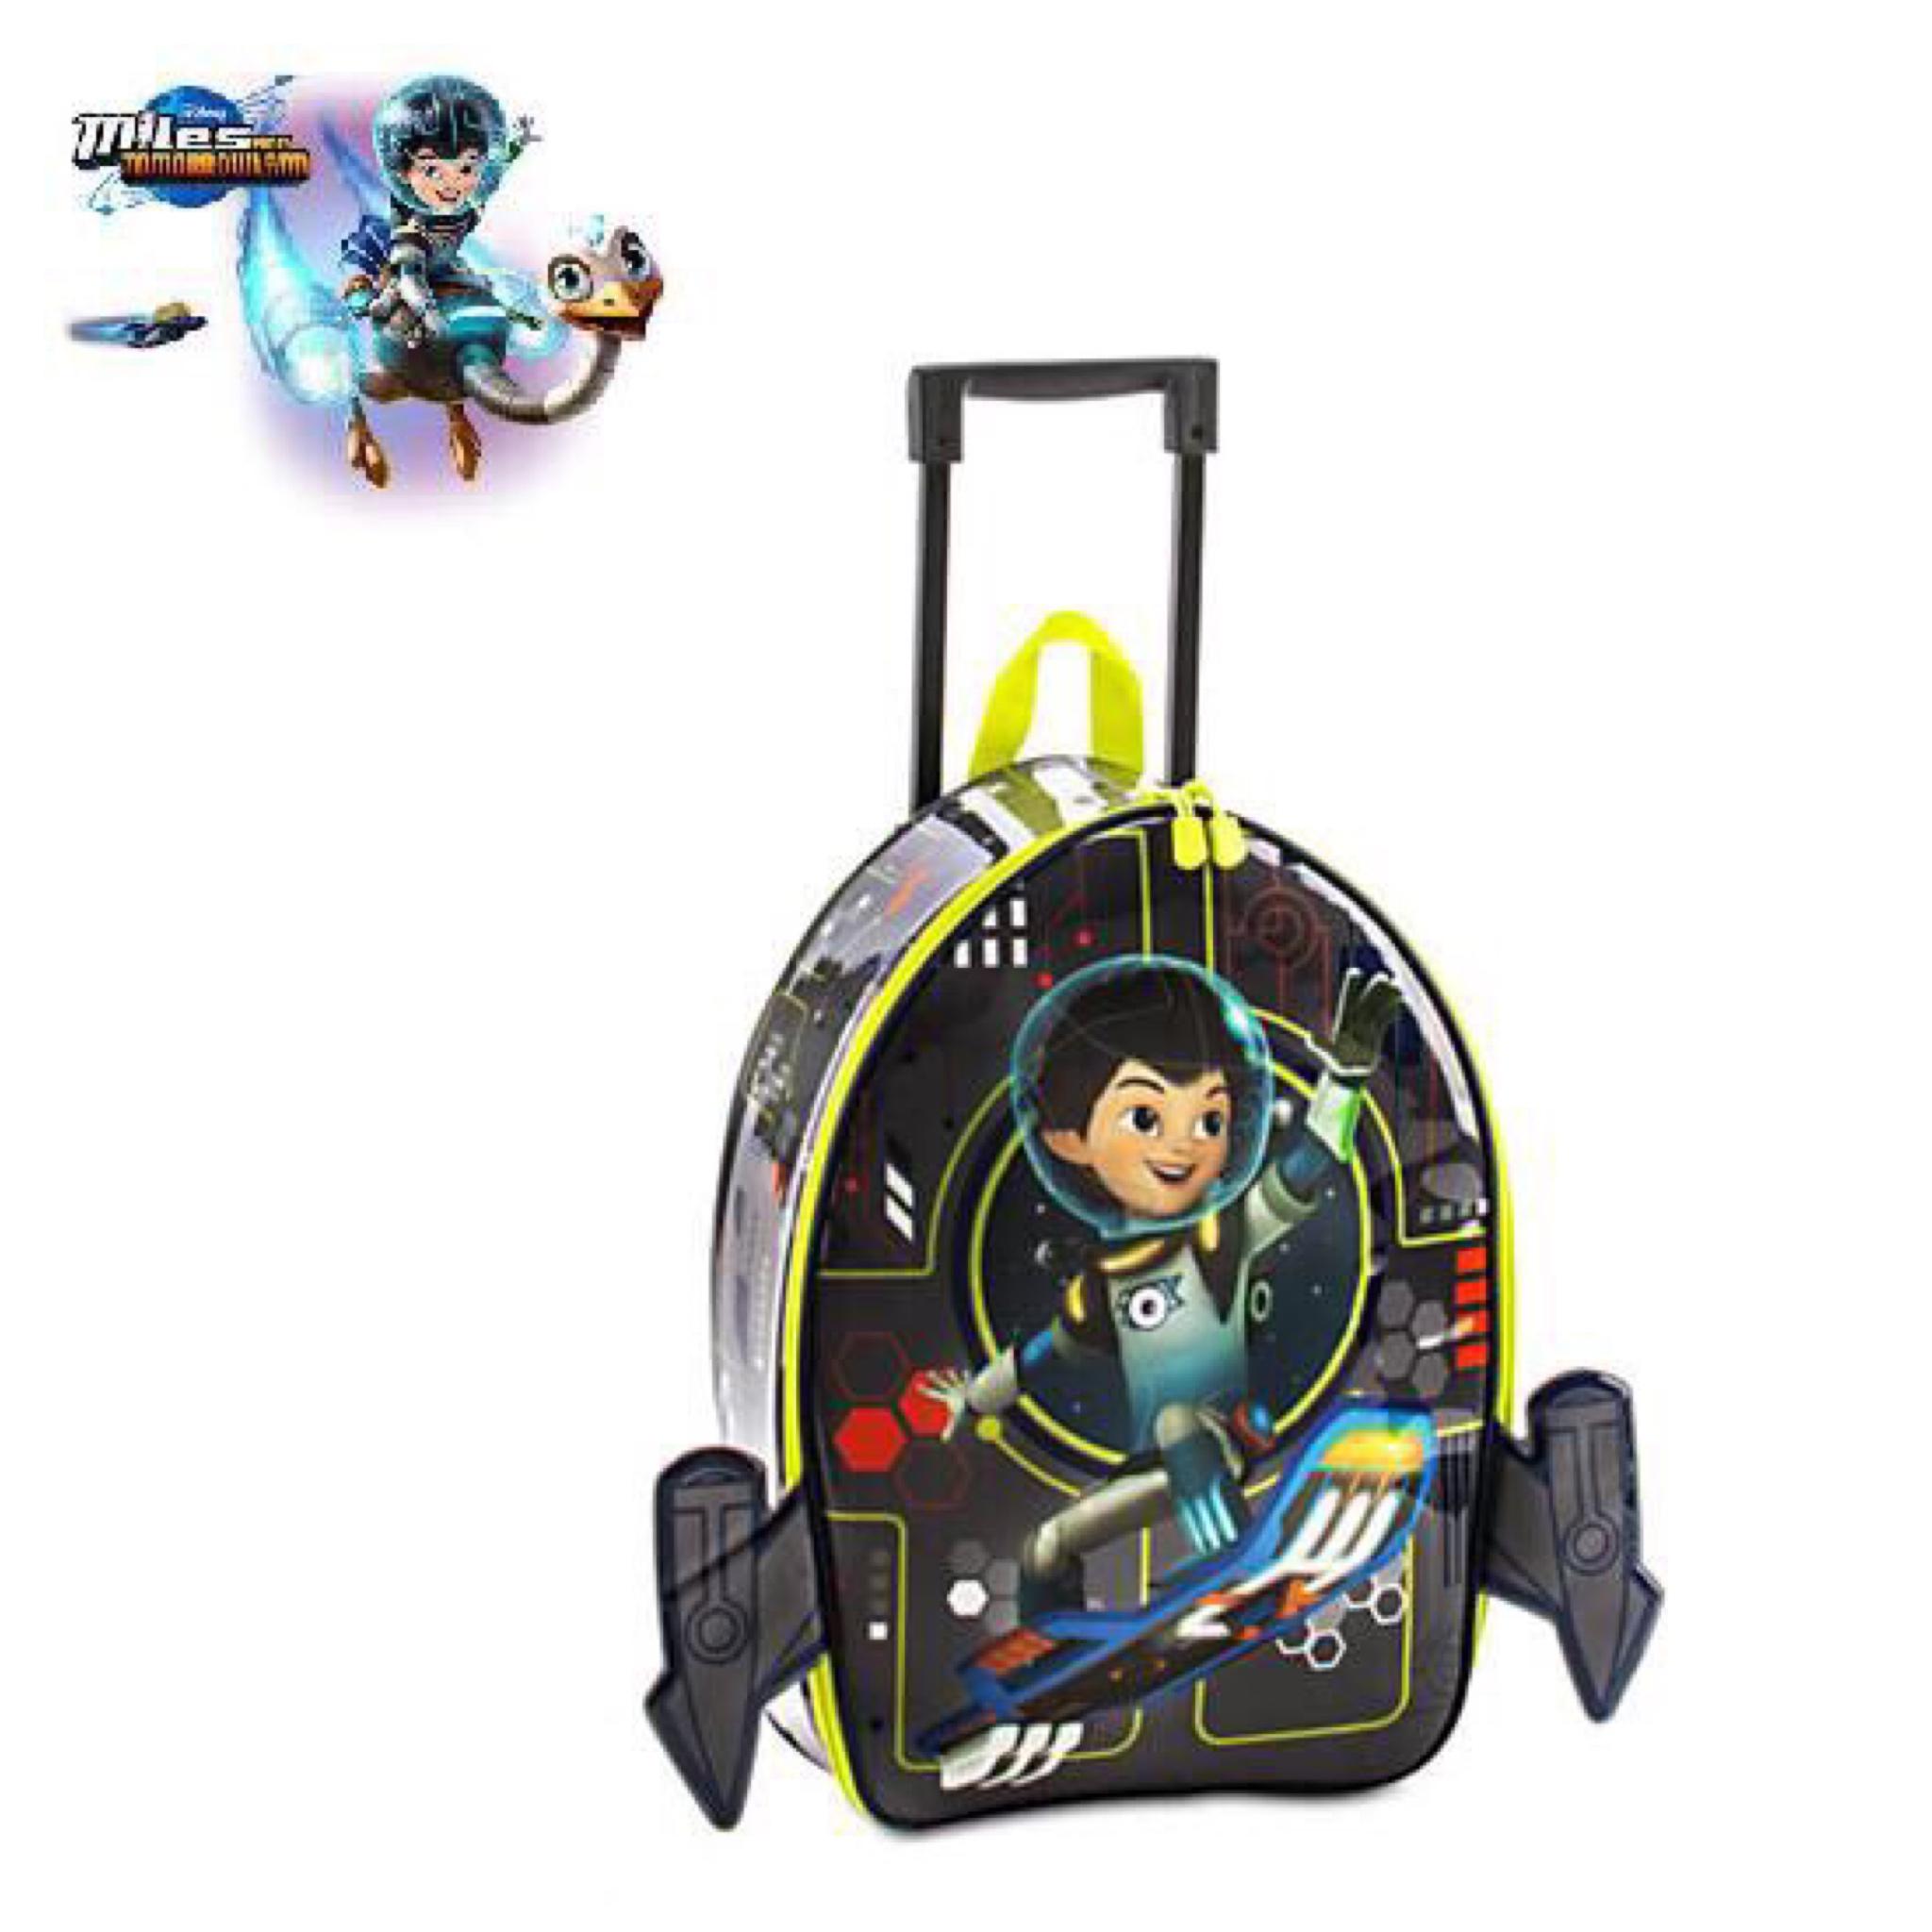 กระเป๋าเดินทางล้อลากพร้อมไฟกระพริบ Disney Light-Up Rolling Luggage (Miles from Tomorrowland)